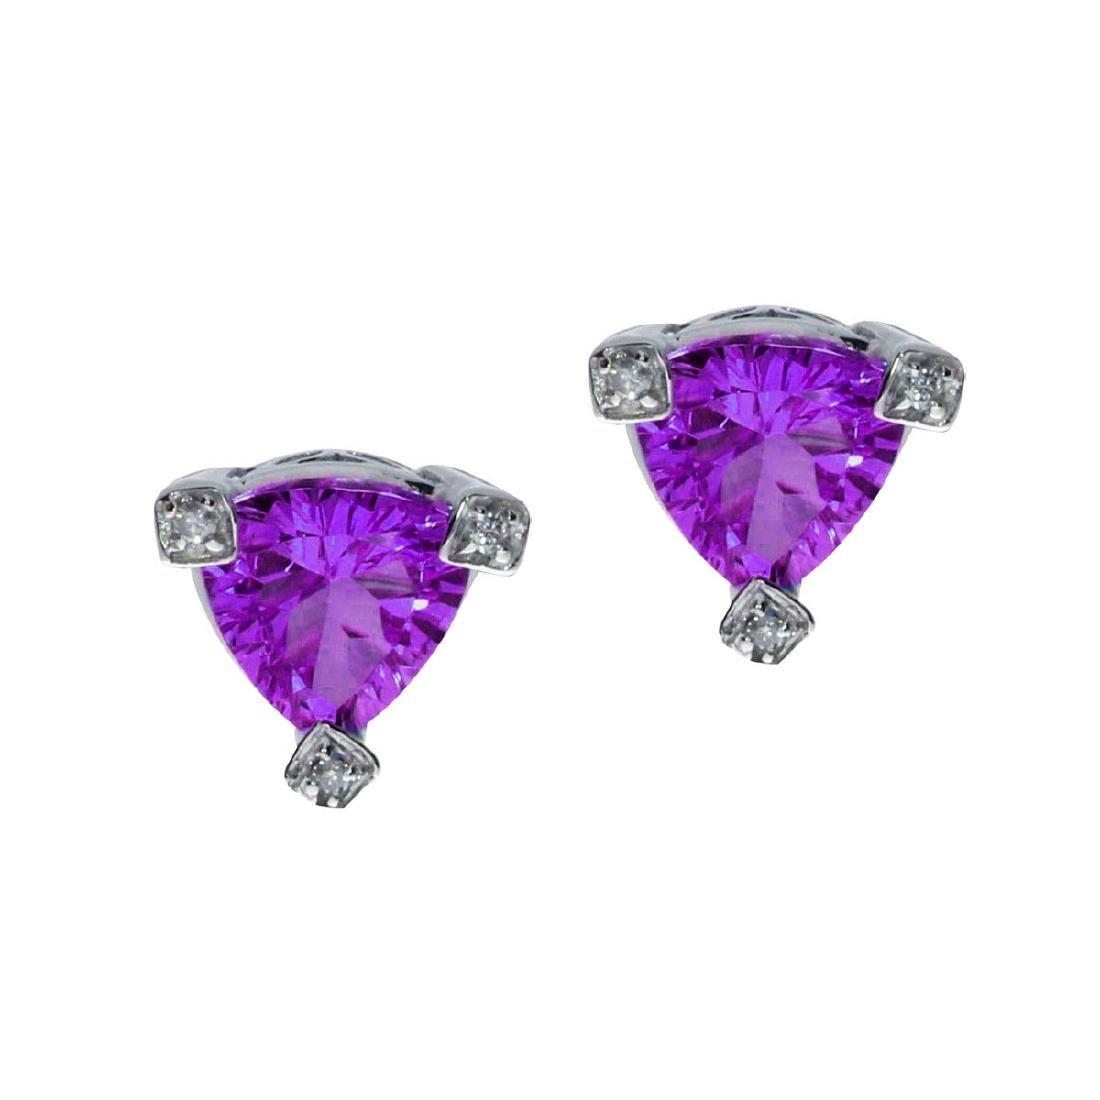 Certified 14k Trillion Amethyst and Diamond Earrings 3.